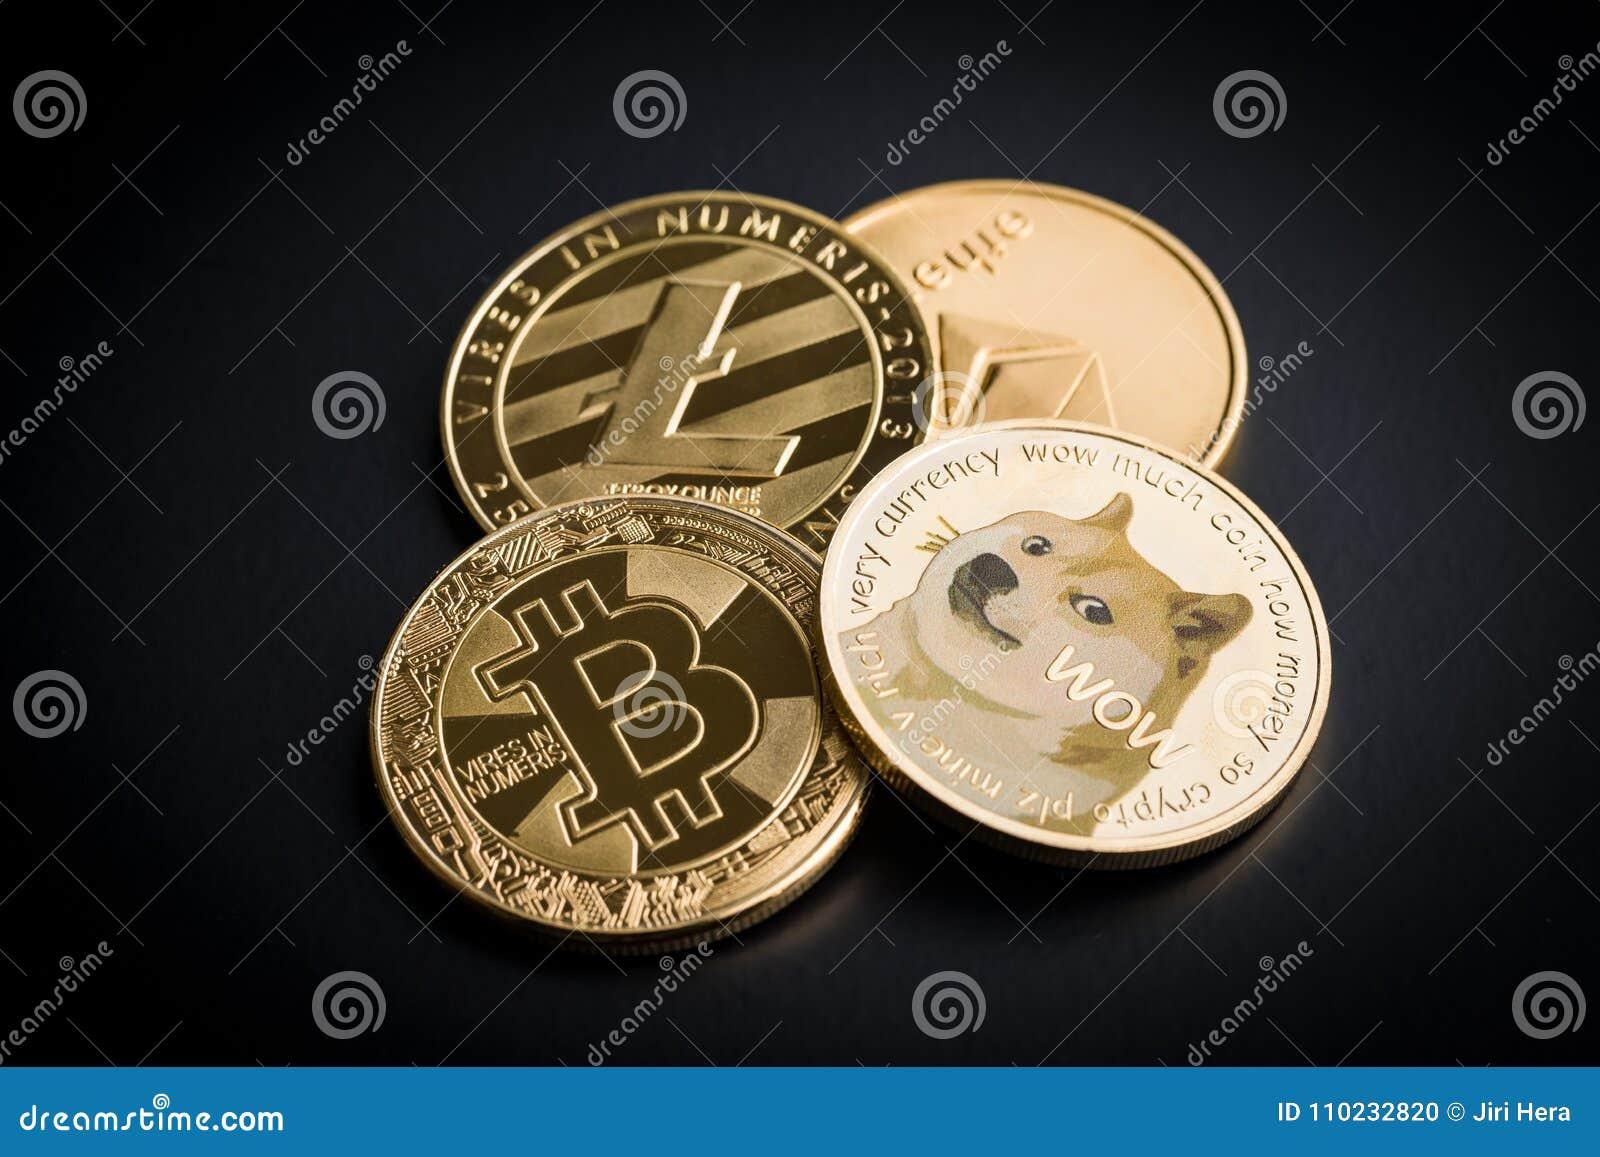 Kur investuoti dogecoin, Perku Bitcoin, ethereum, Dogecoin,litecoin, Dashc - salinta.lt